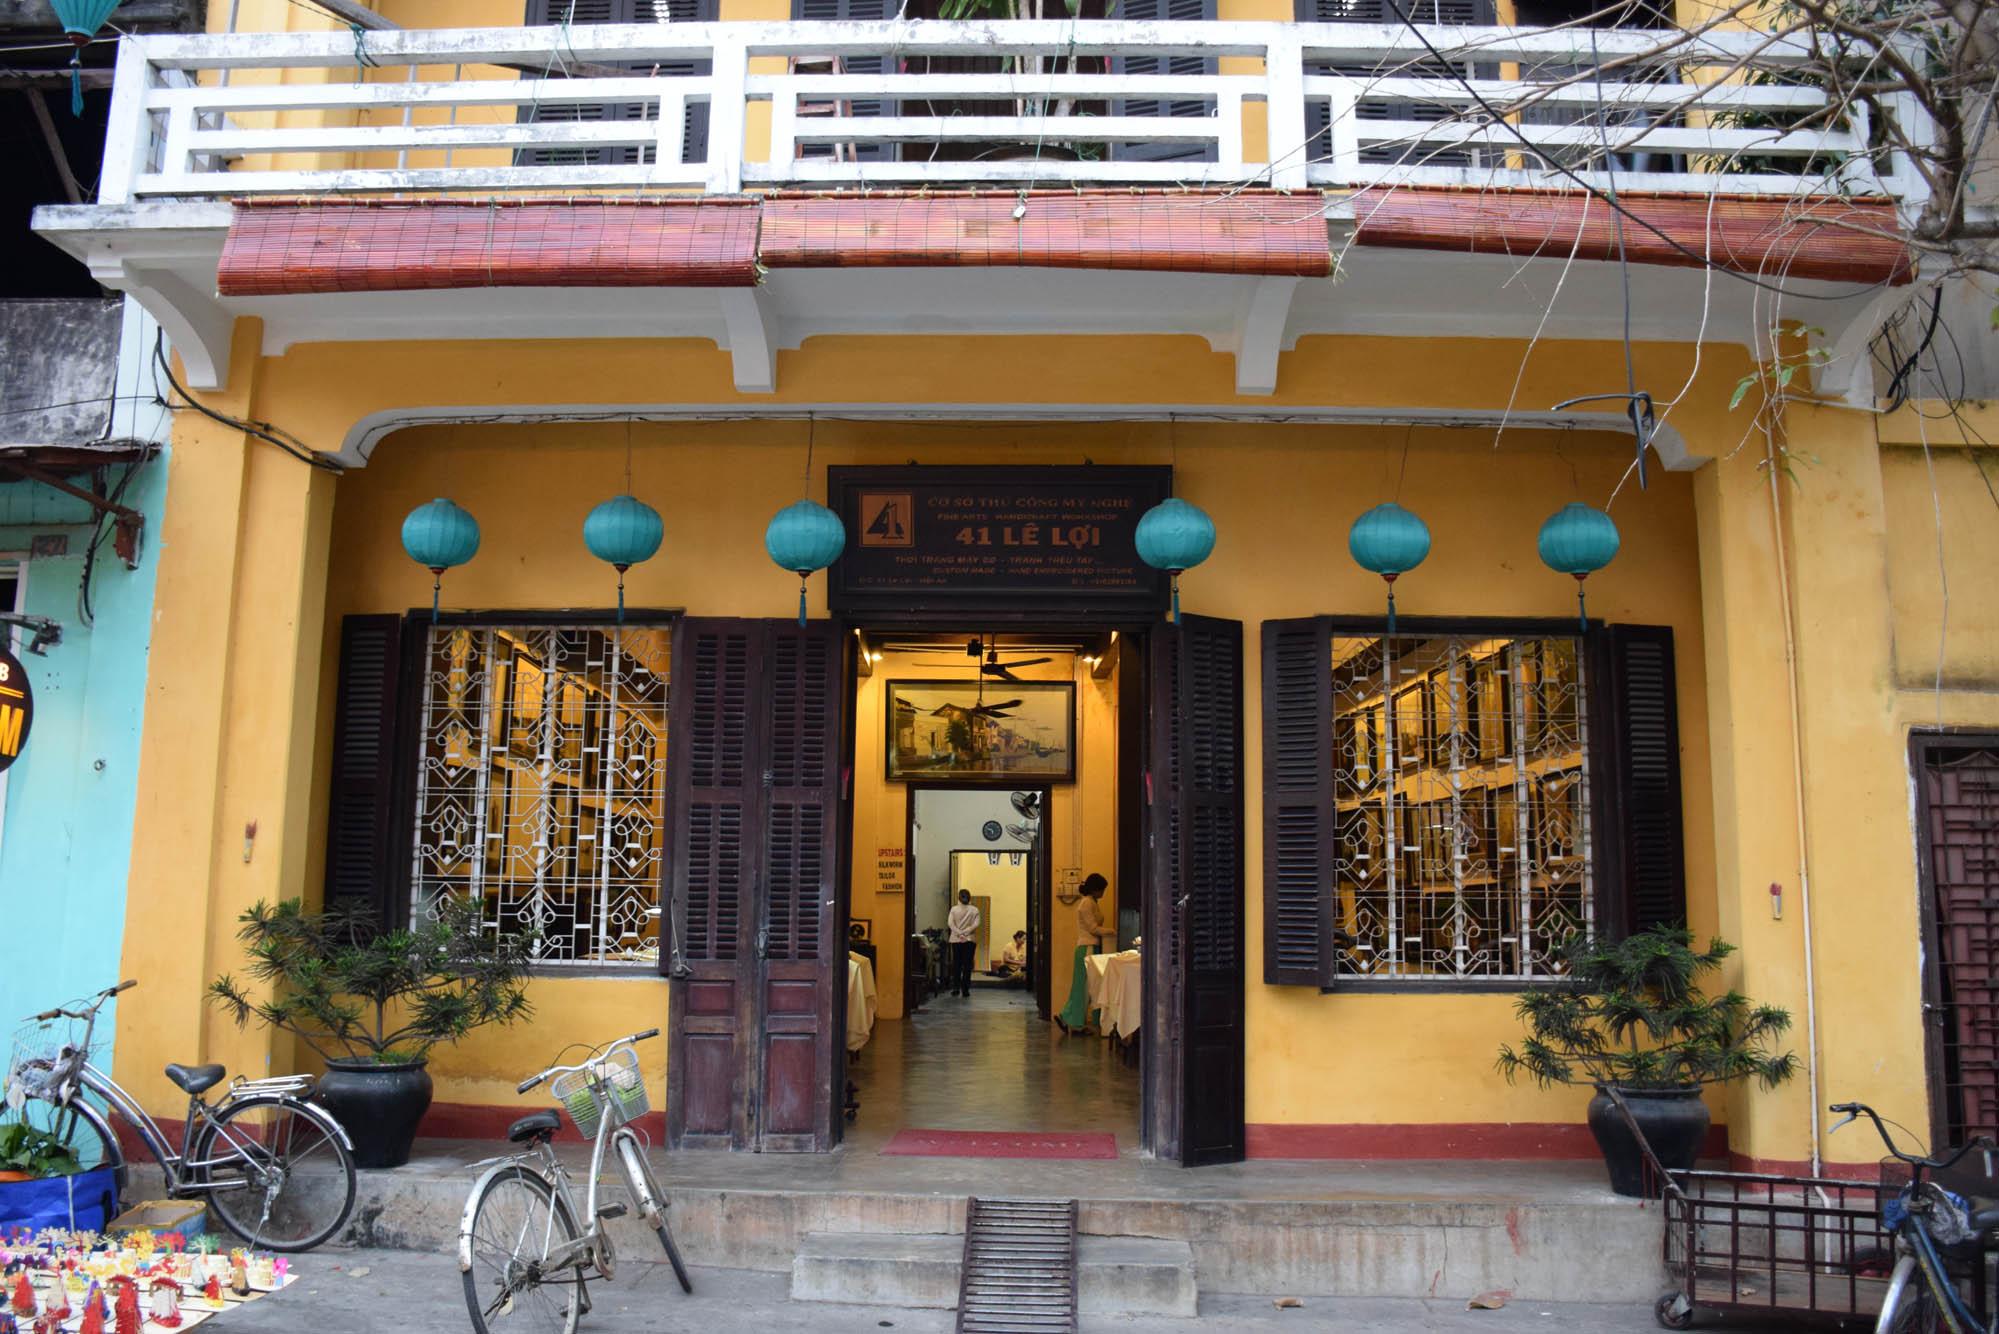 Lojinha que entramos para conhecer o processo de produção de seda, em Hoi An